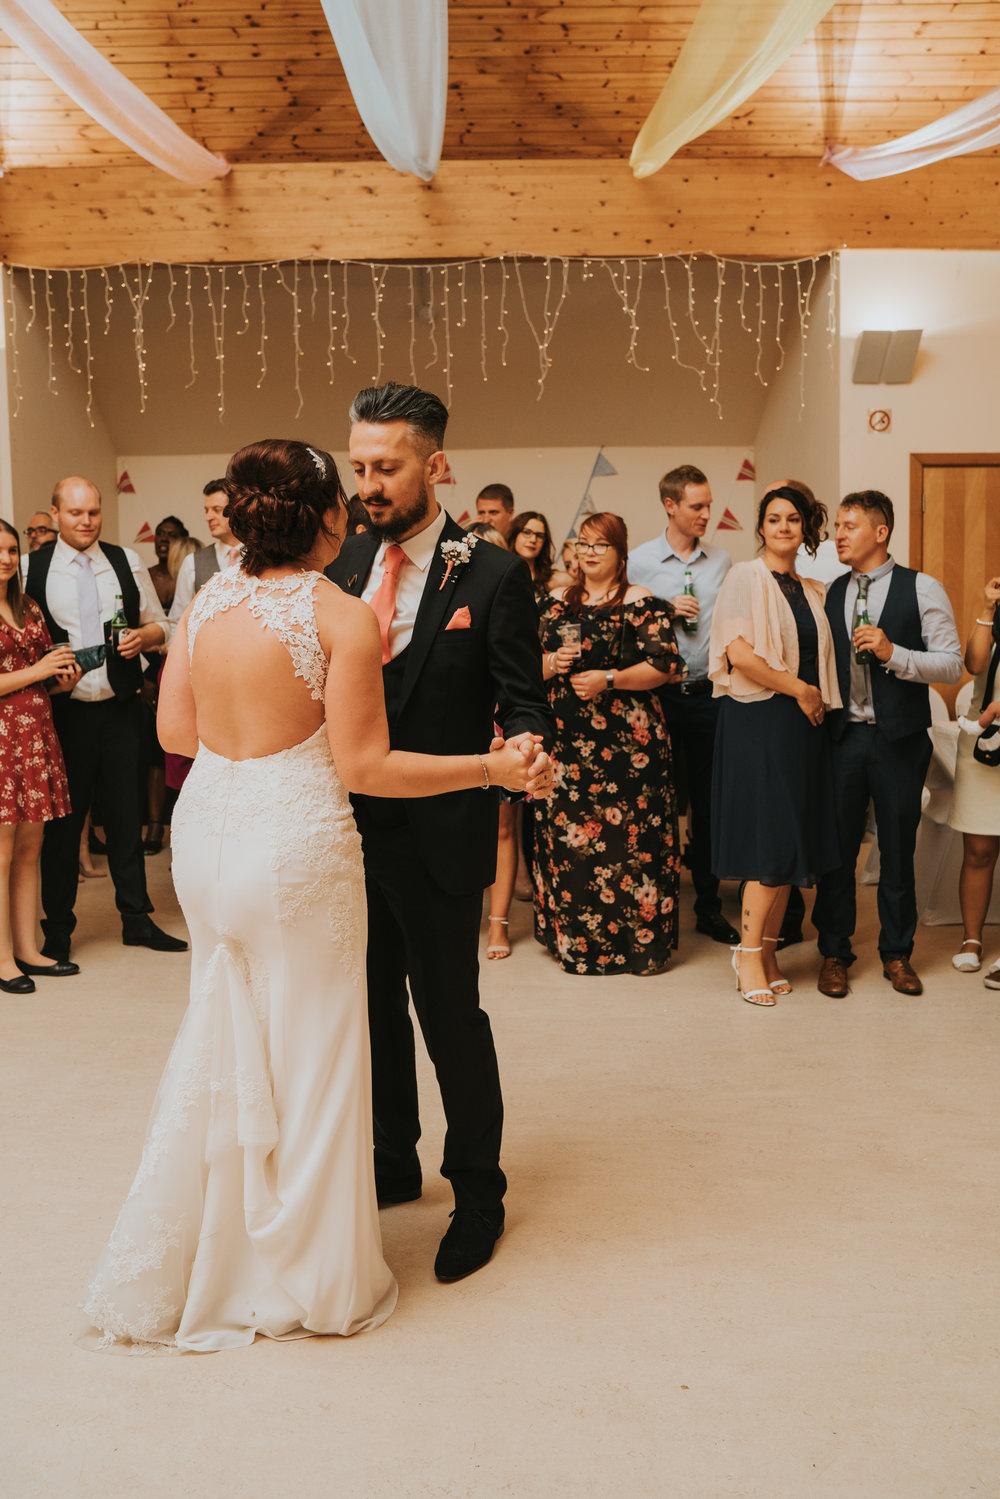 Joe-Tiffany-Colchester-Castle-Wedding-Essex-Grace-Elizabeth-Colchester-Essex-Alternative-Wedding-Photographer-Suffolk-Norfolk-Devon (116 of 122).jpg